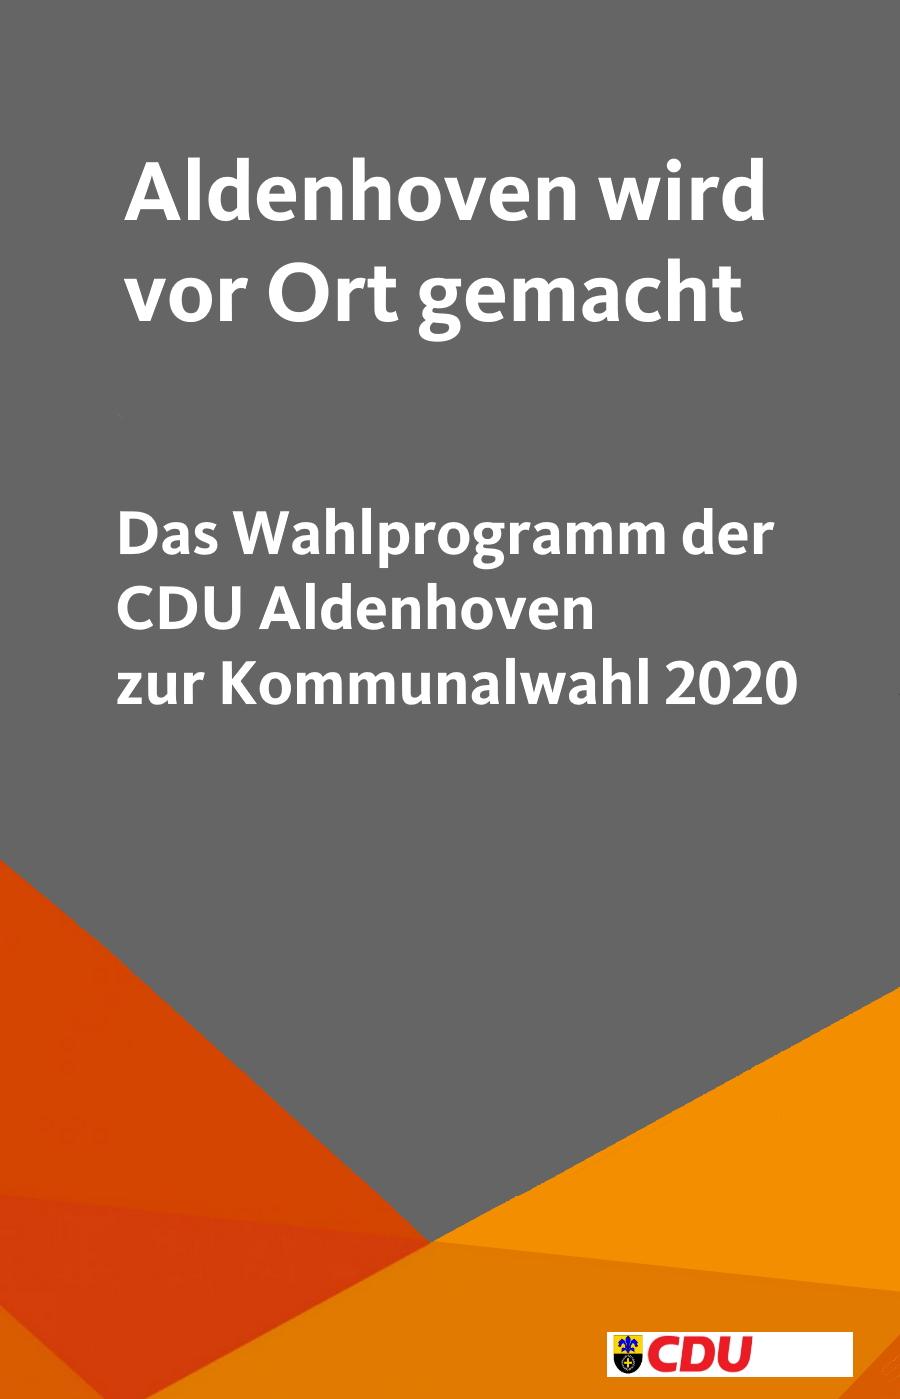 Hier finden Sie das Programm der CDU Aldenhoven zur Kommunalwahl 2020 als pdf